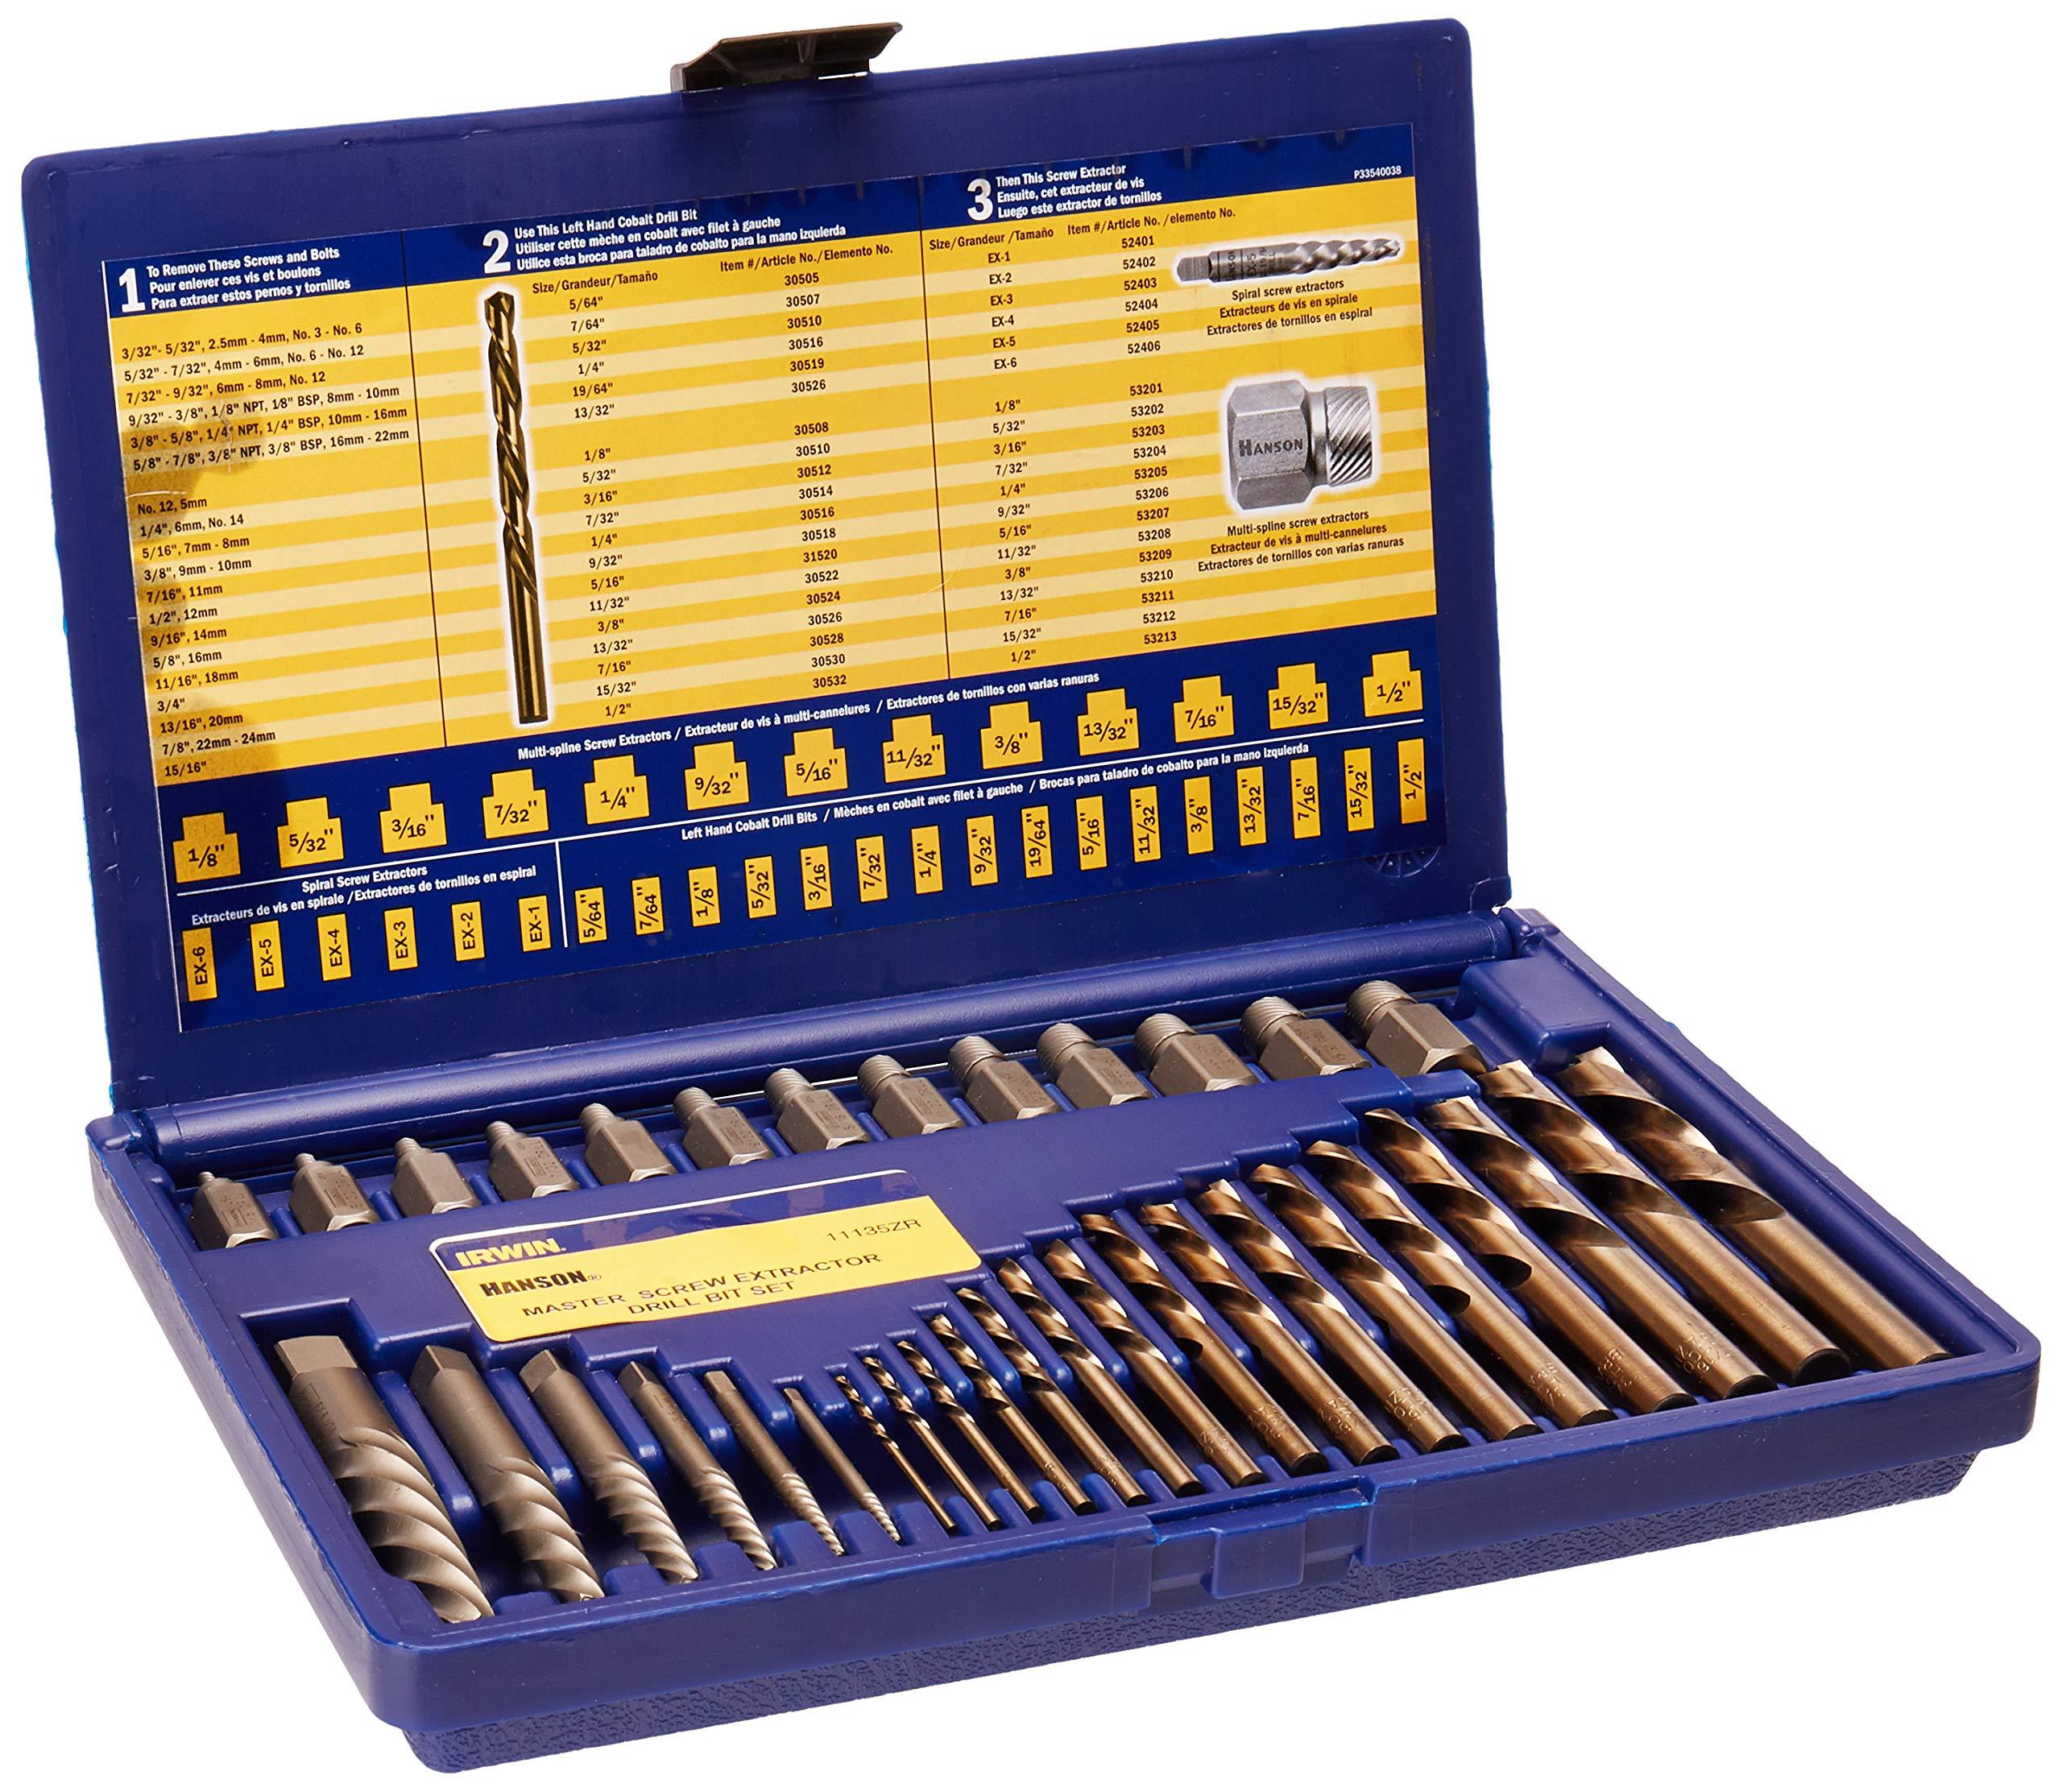 IRWIN Screw Extractor/ Drill Bit Set, 35-Piece (11135ZR) by IRWIN